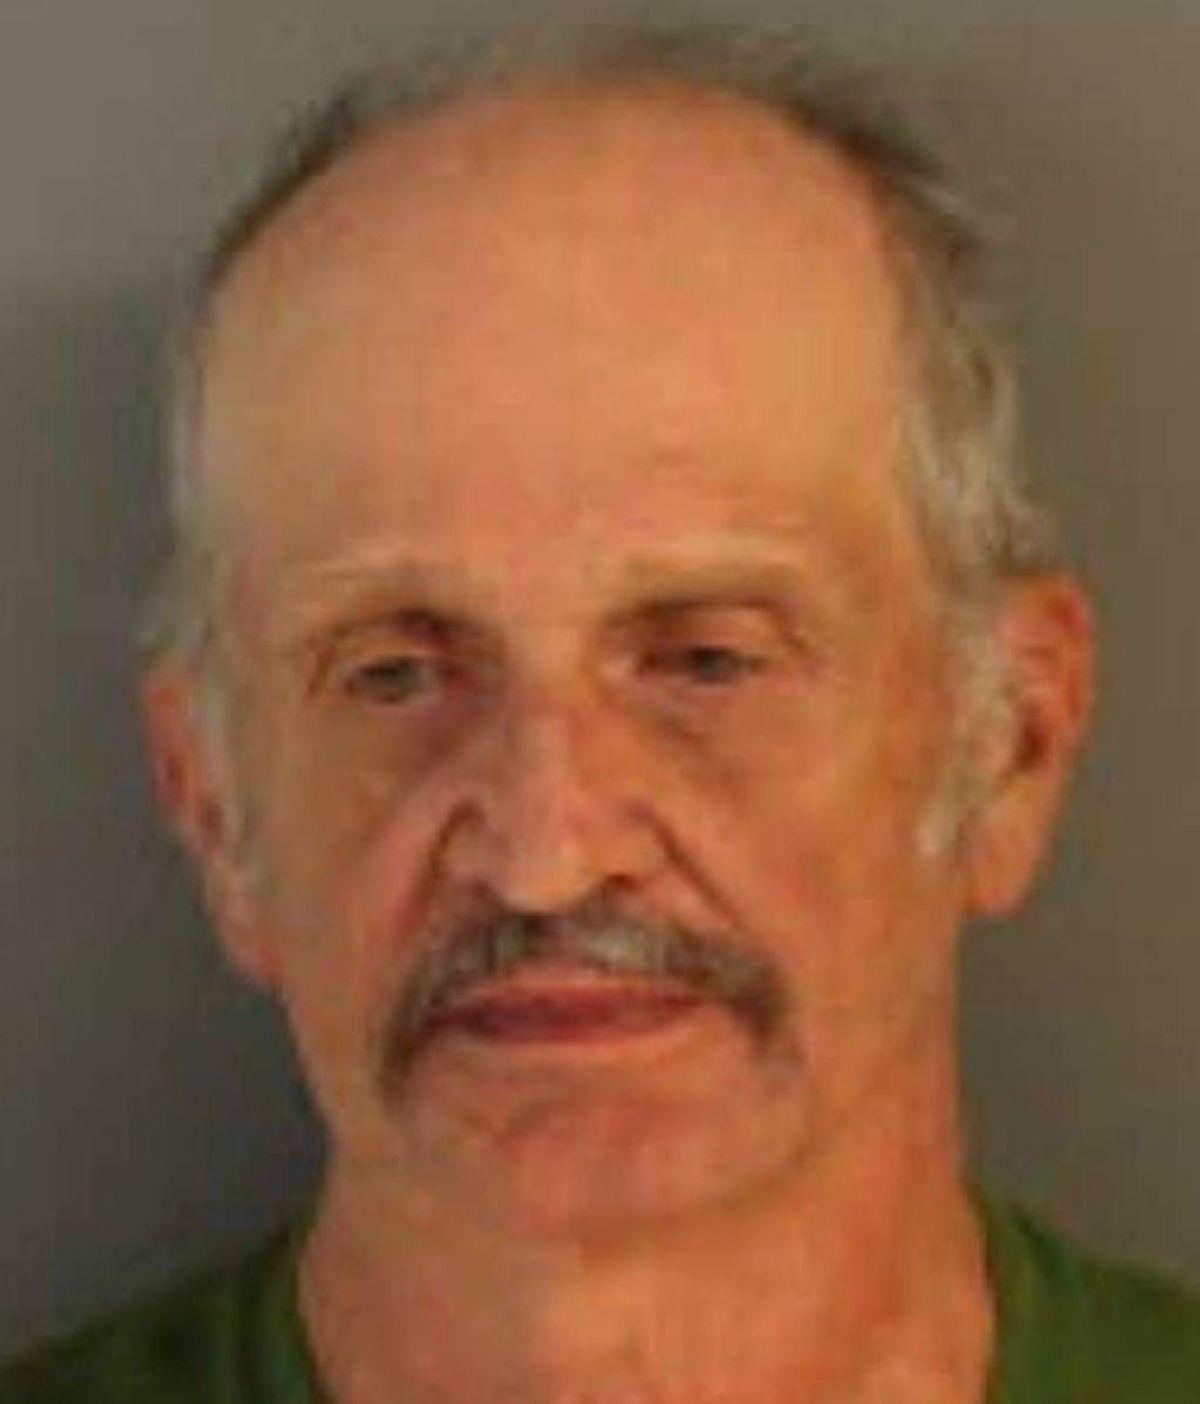 Un violador capturado 16 años después al dejarse la dentadura postiza